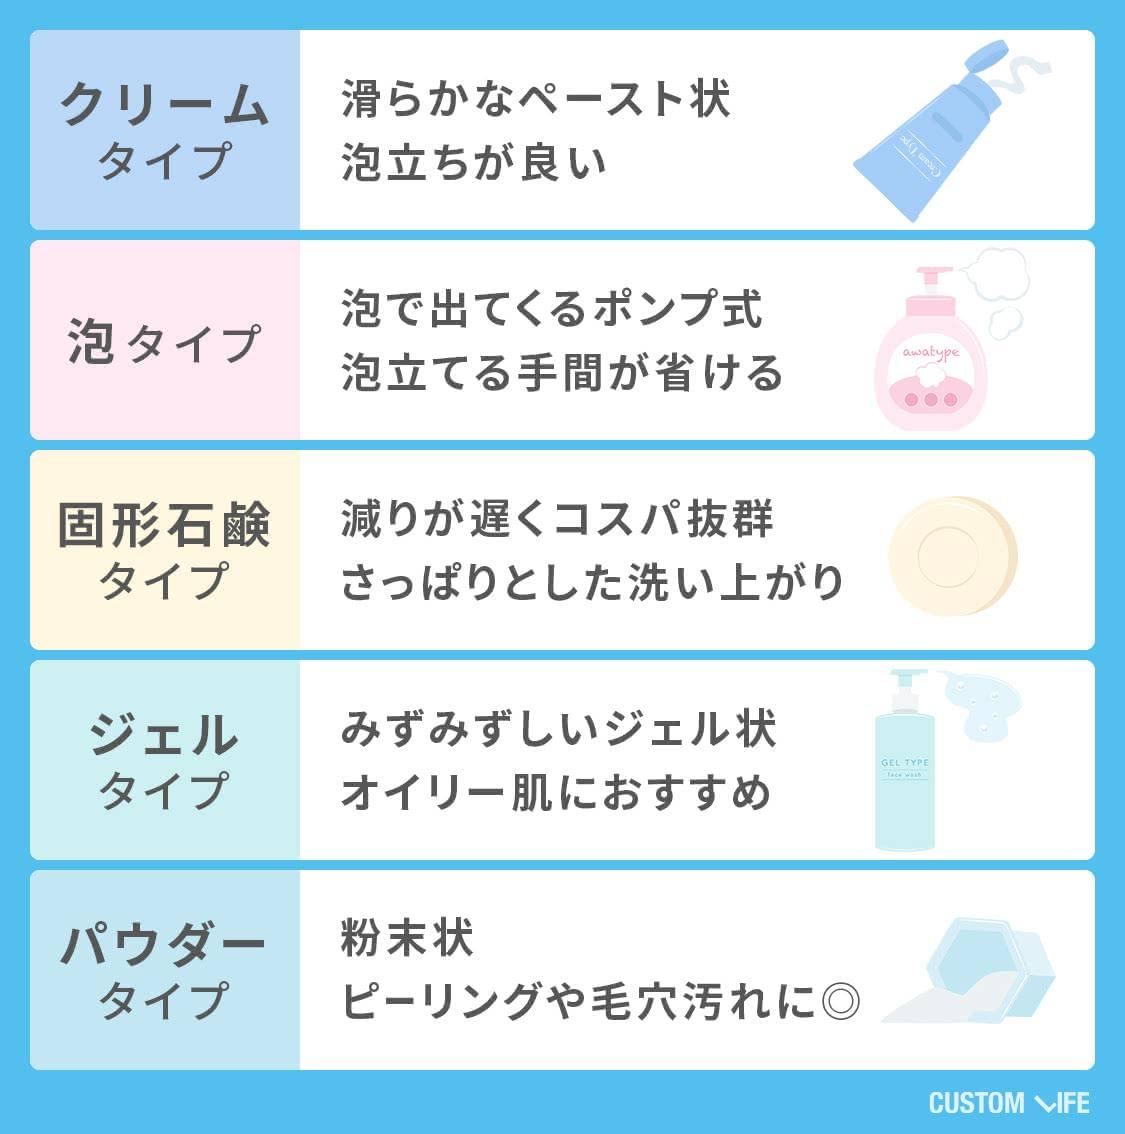 洗顔料にはクリーム、泡、石けん、ジェル、パウダーなどのタイプがあります